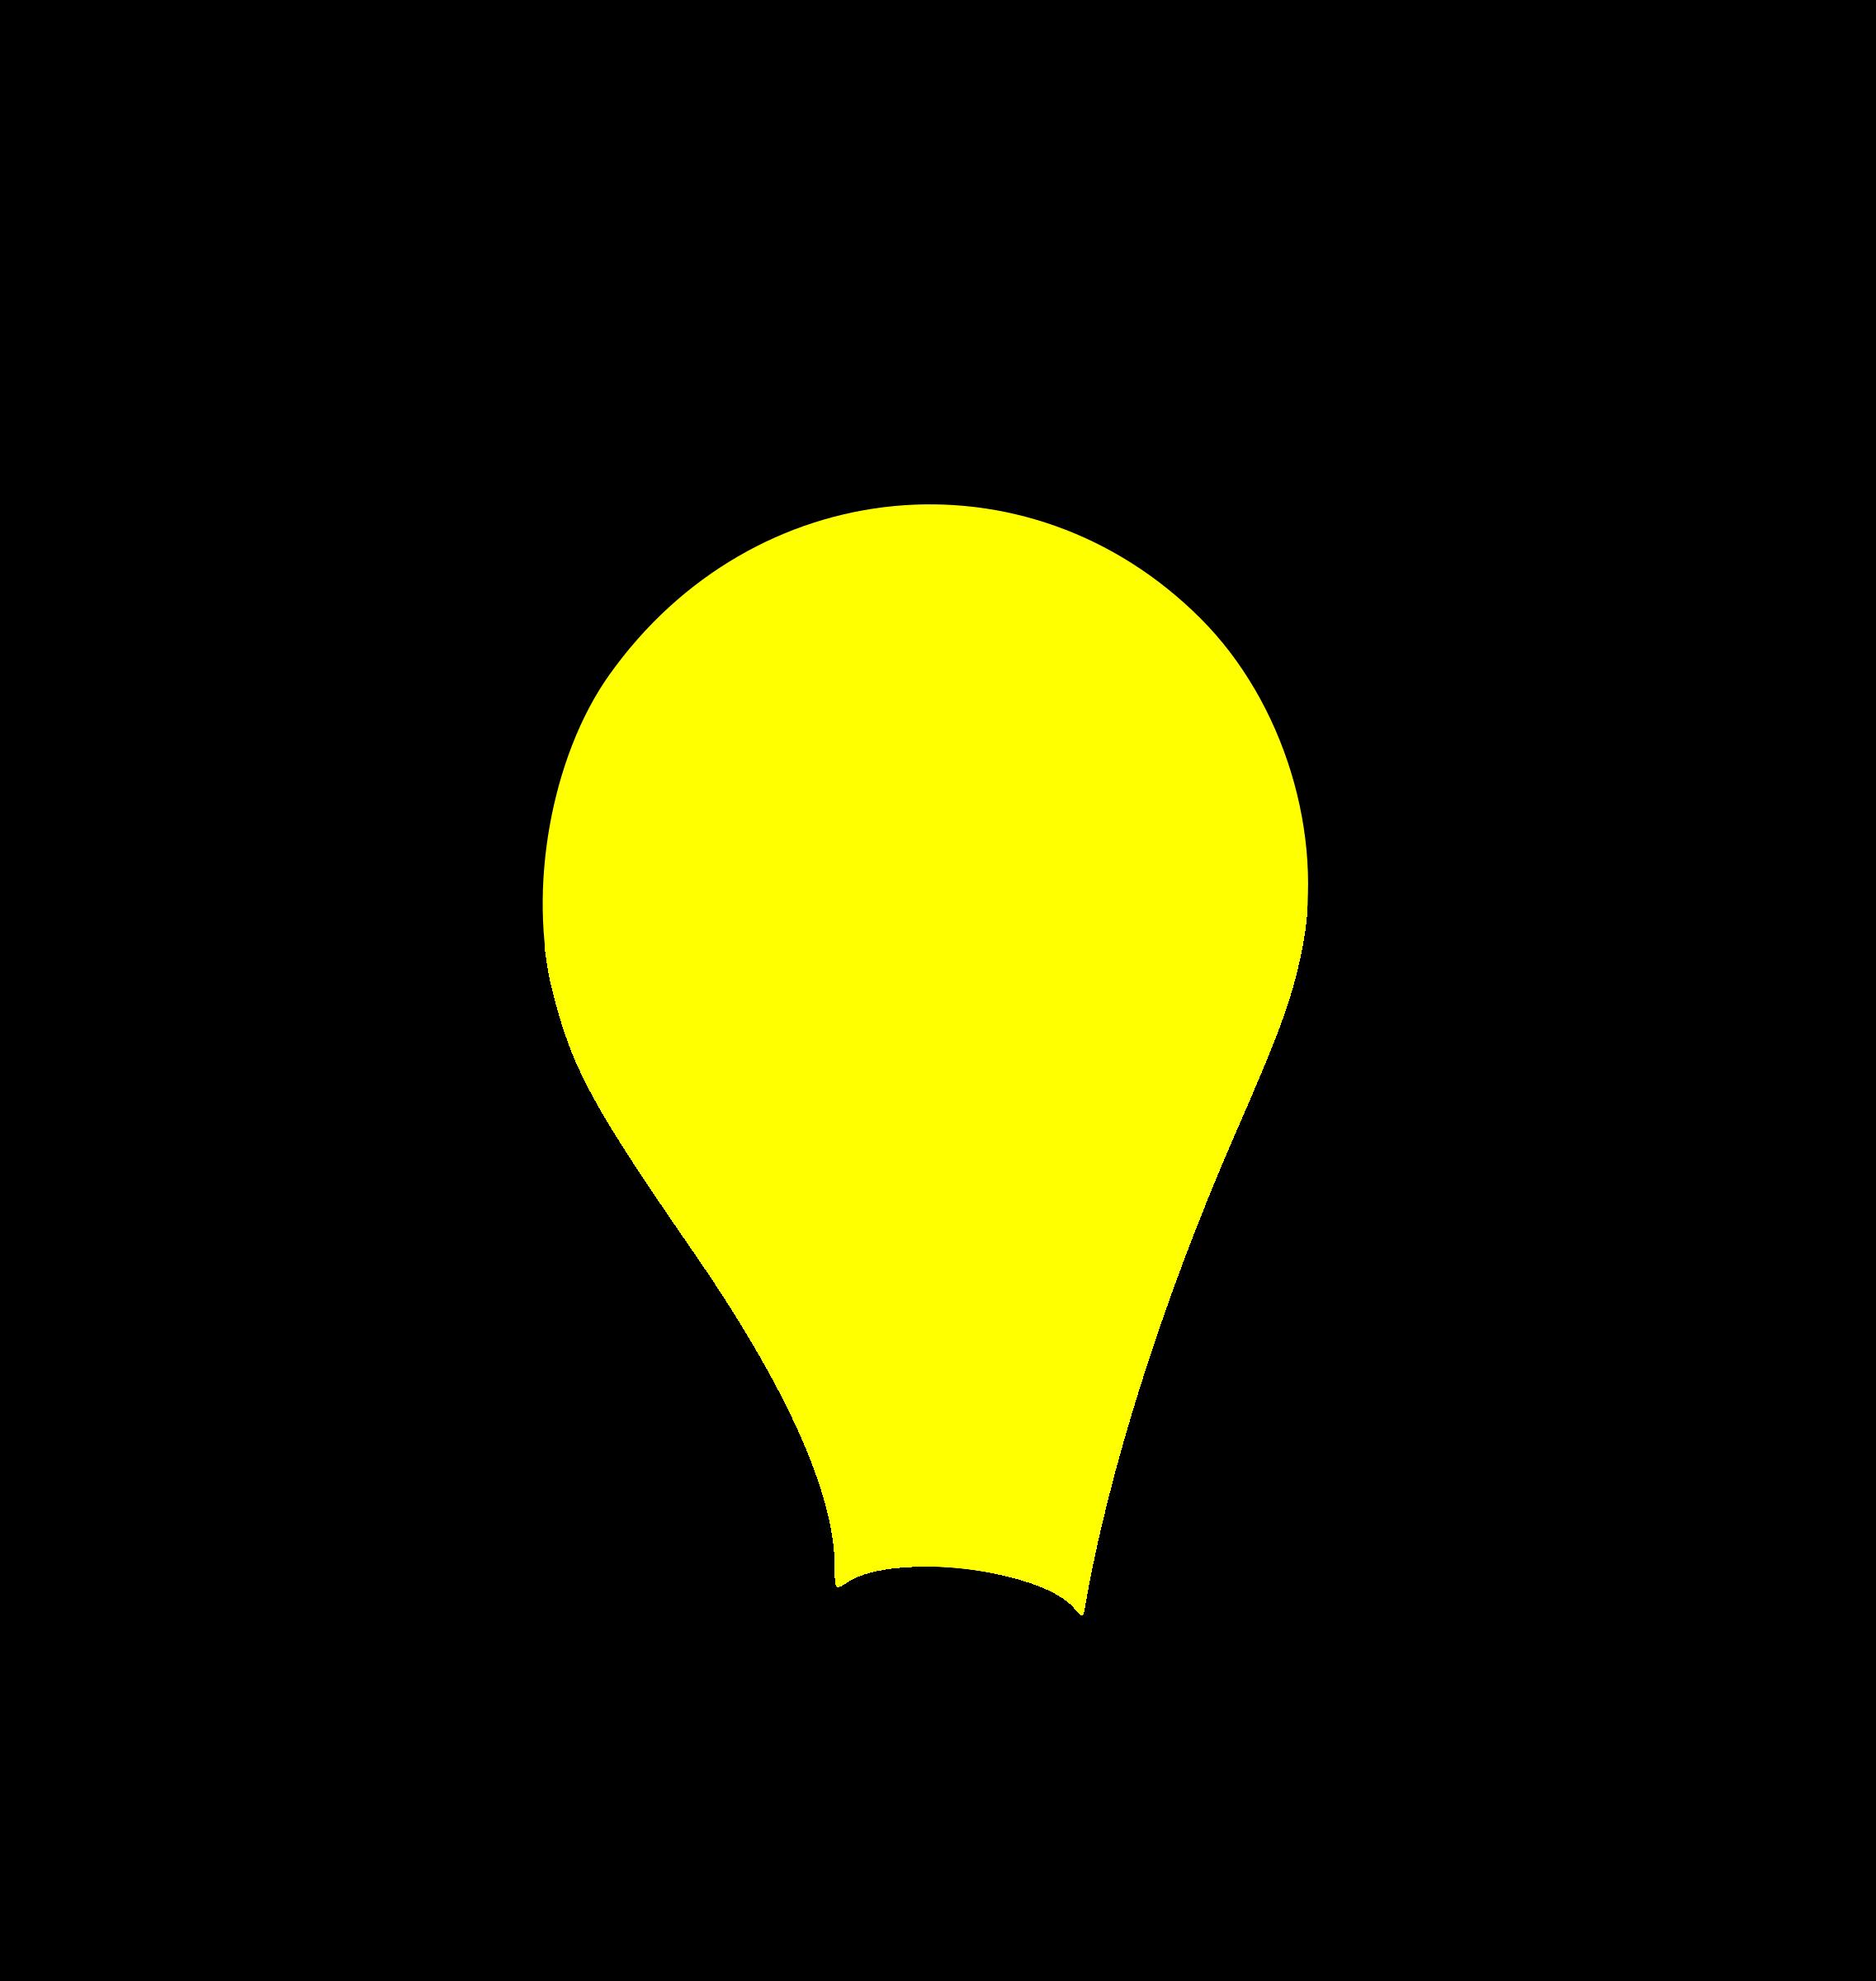 Clipart-light-bulb-lit-clipartbold.png